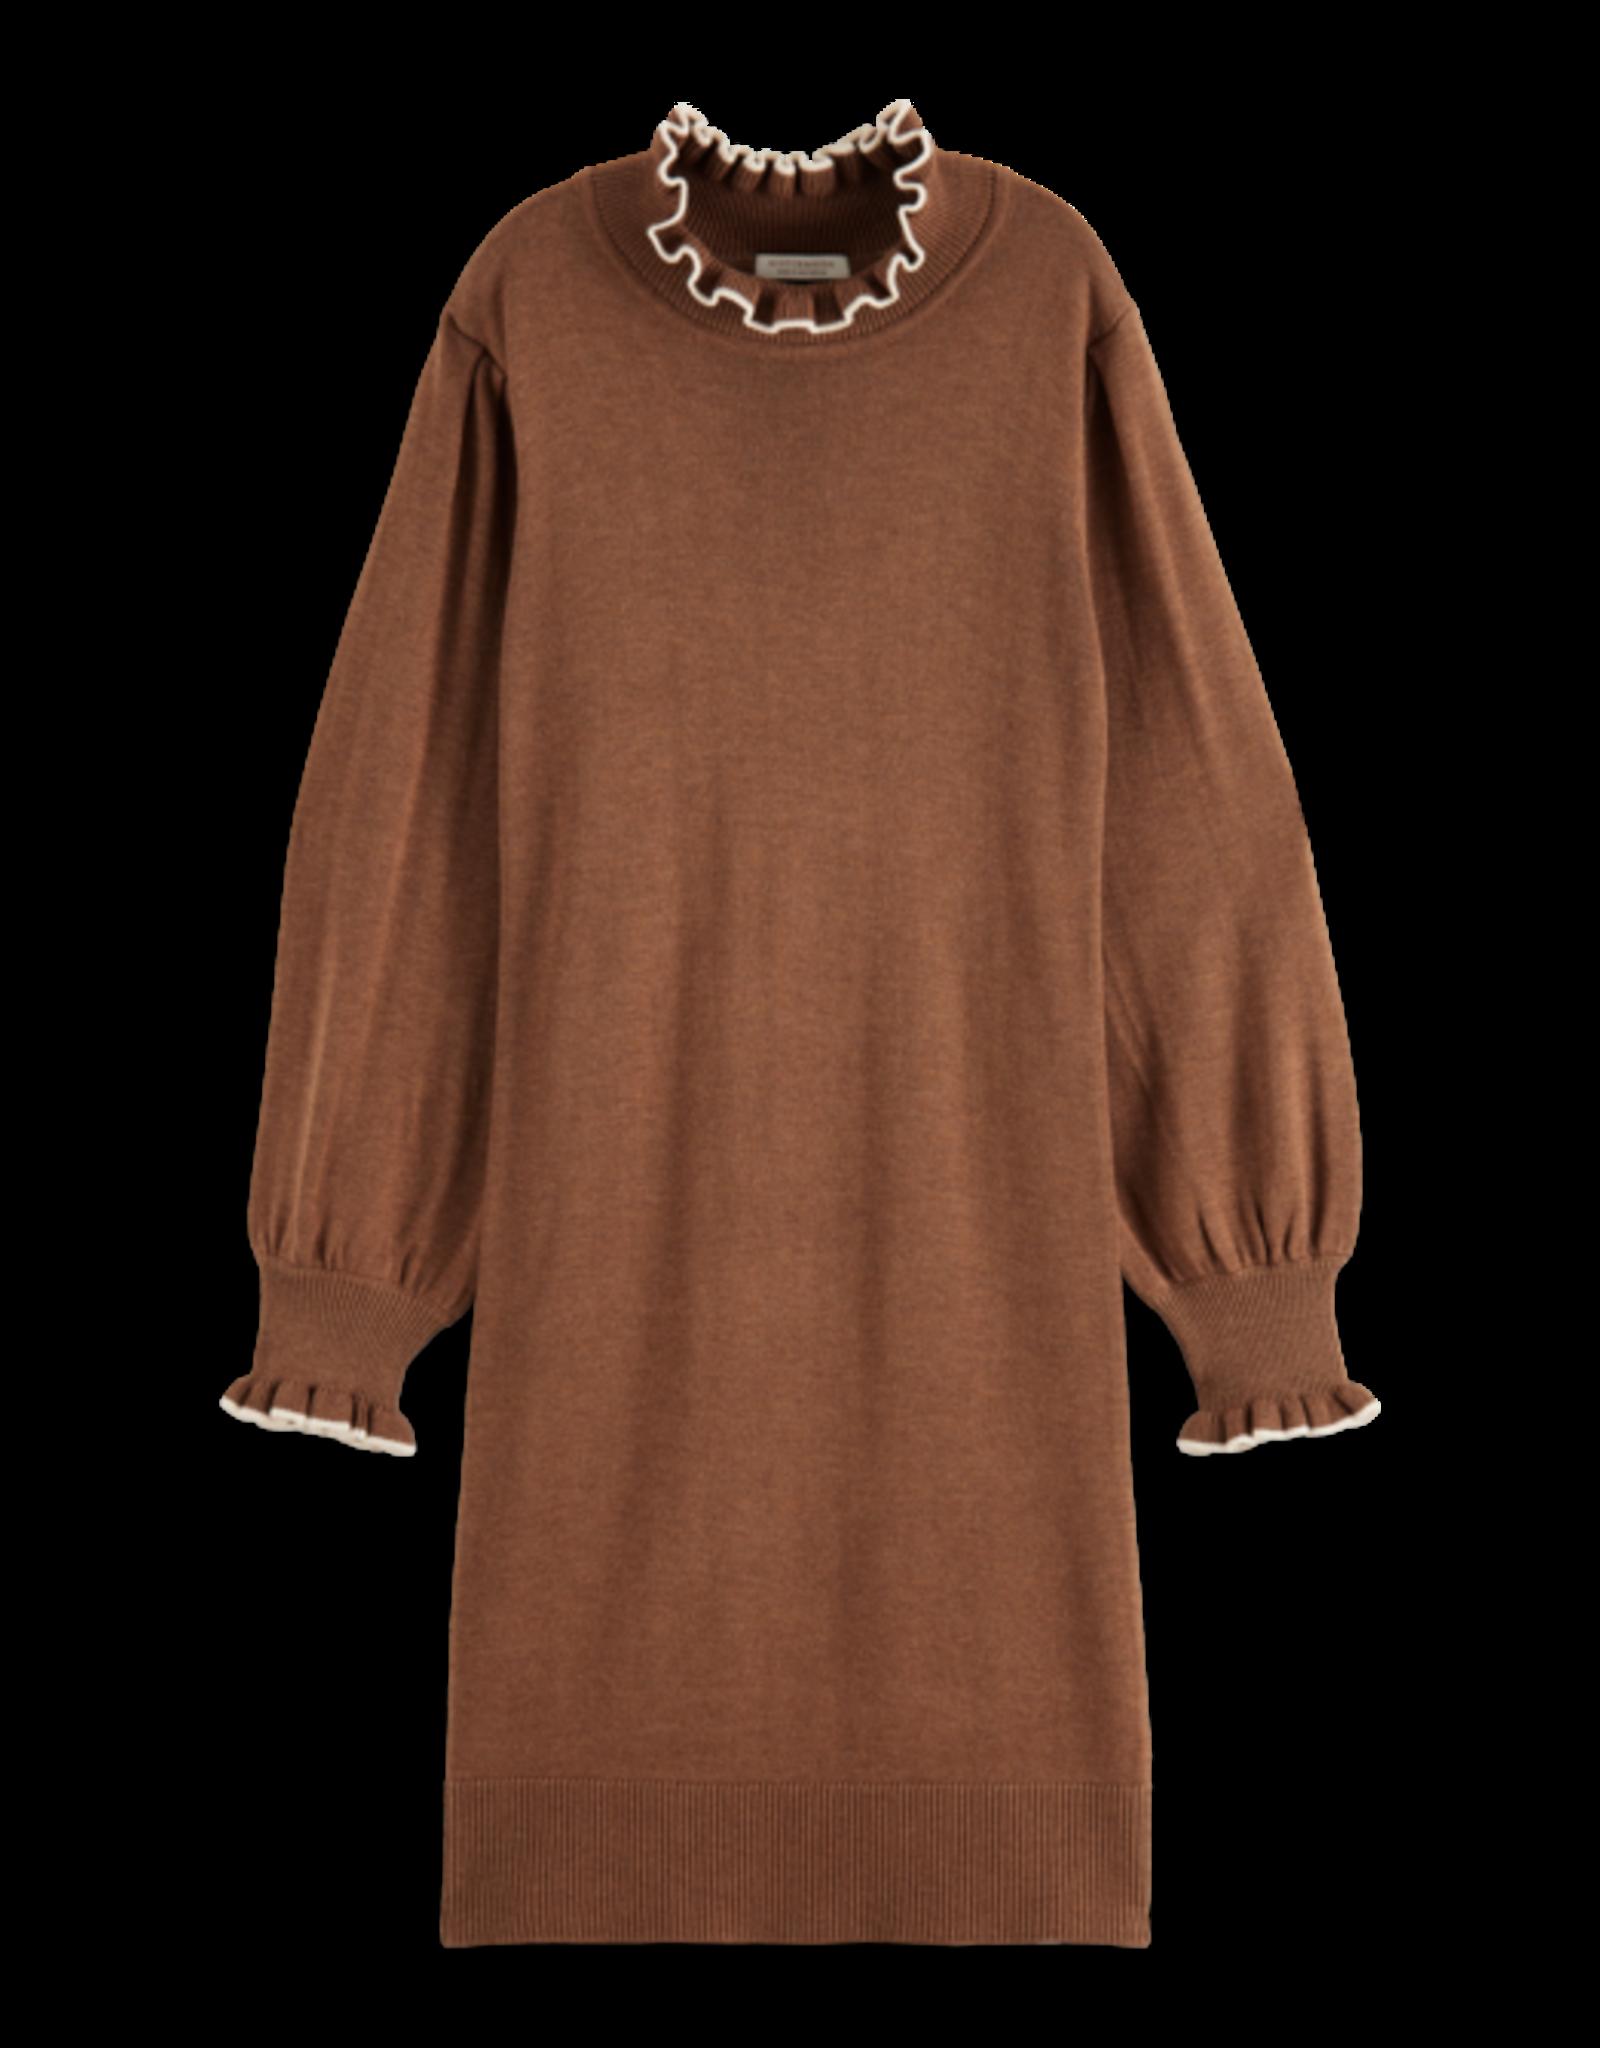 Scotch&Soda Scotch&Soda FW21 162607 Fitted knit dress